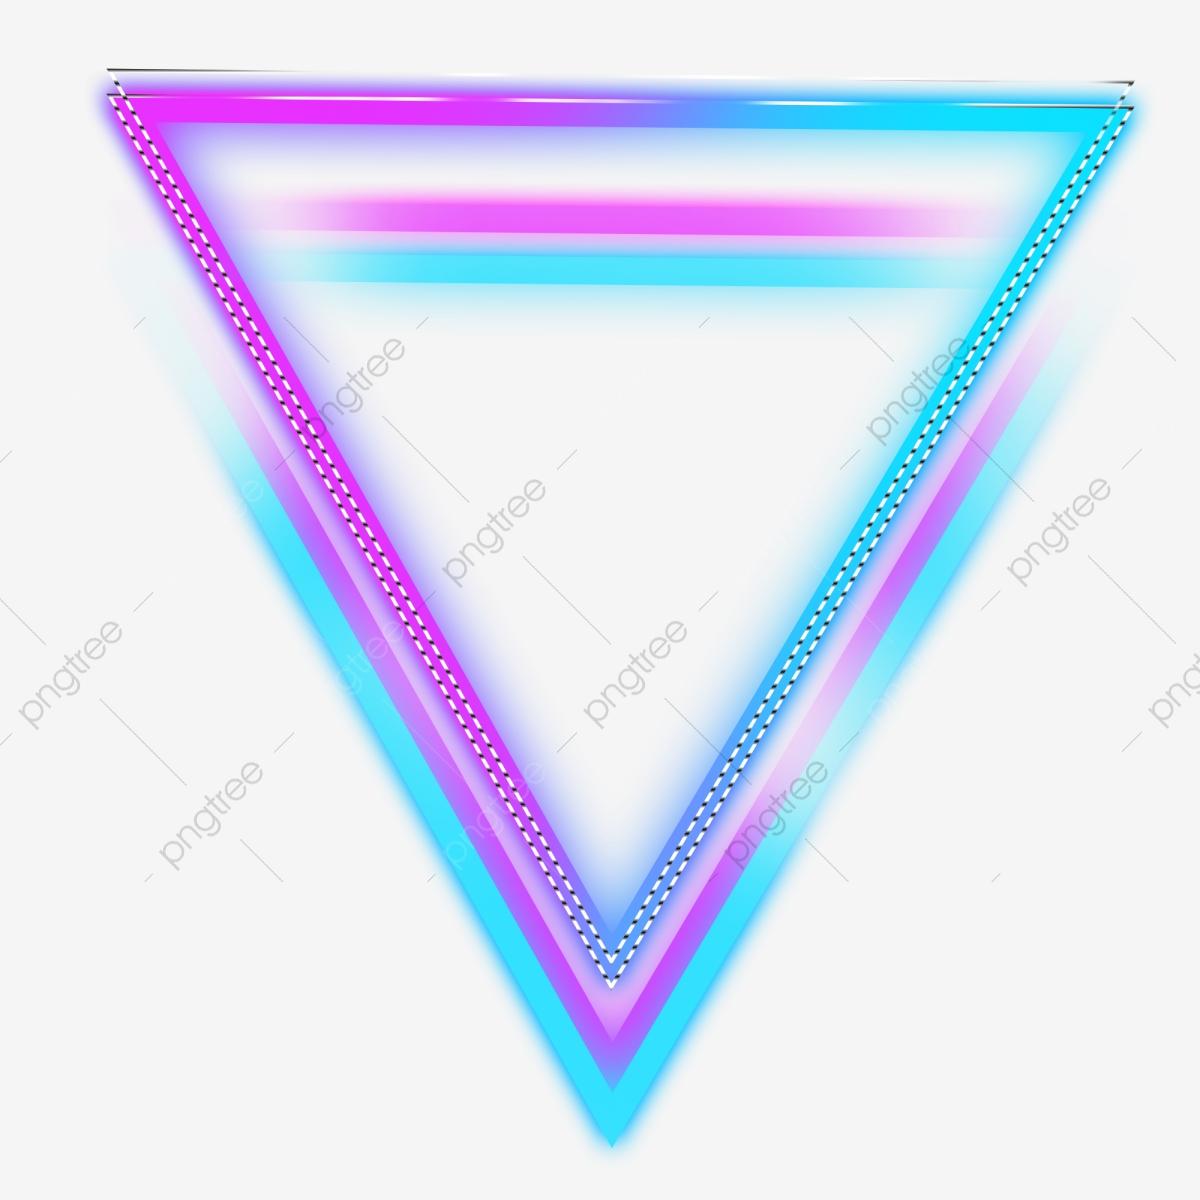 Triangle Neon Color Glowing Border, Triangle, Neon, Color Illuminate.